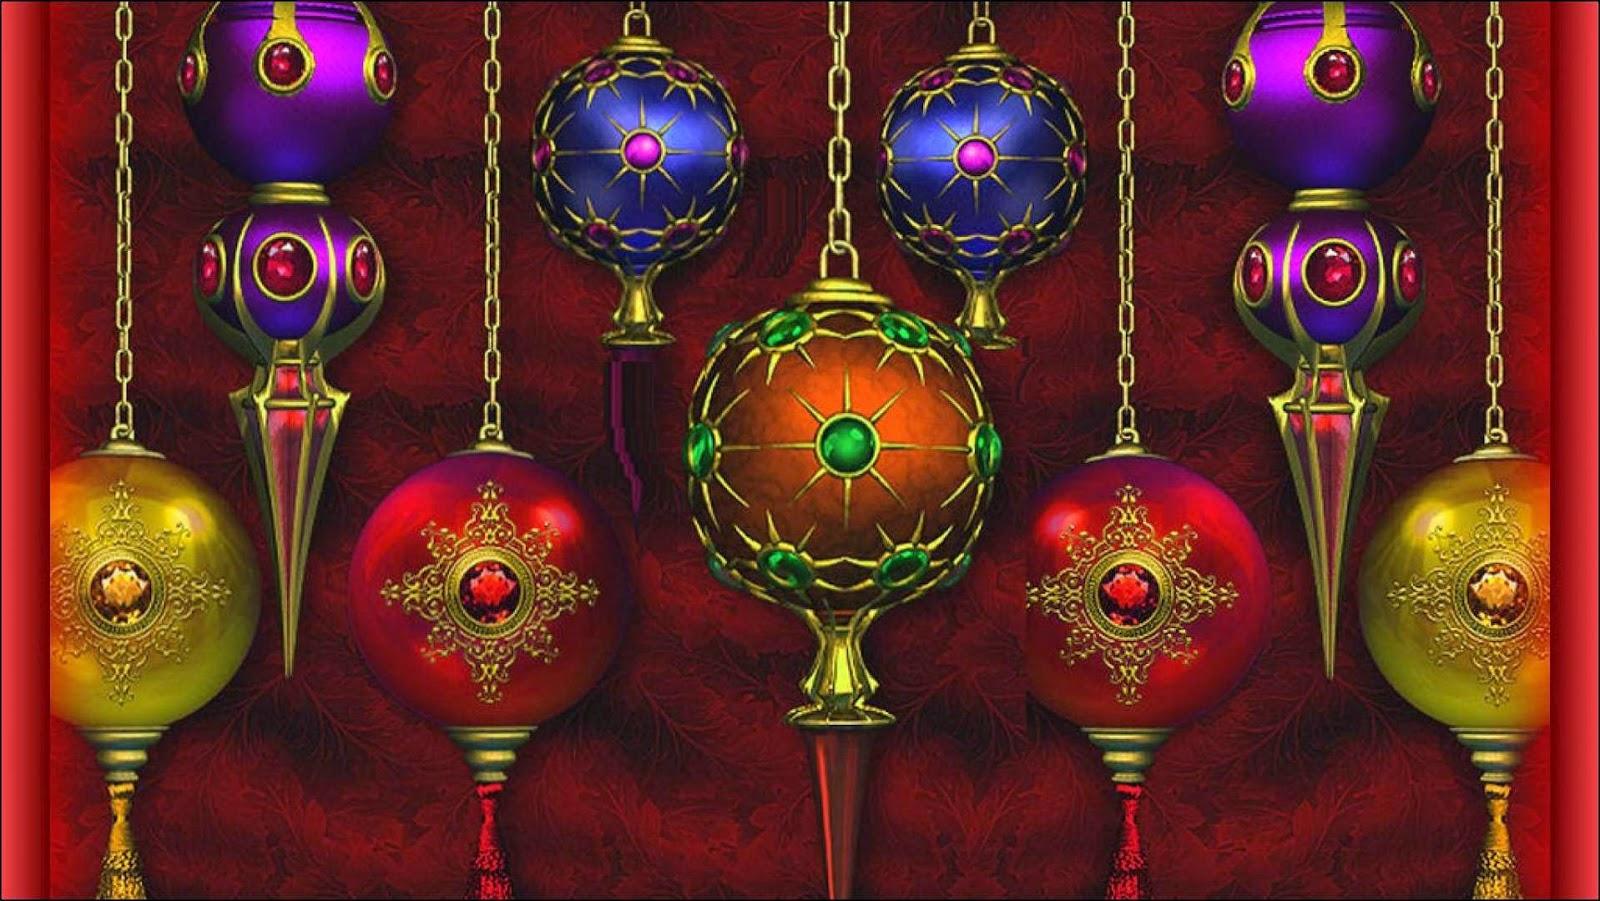 Navidad 2014 imagenes de adornos de navidad Adornos de navidad